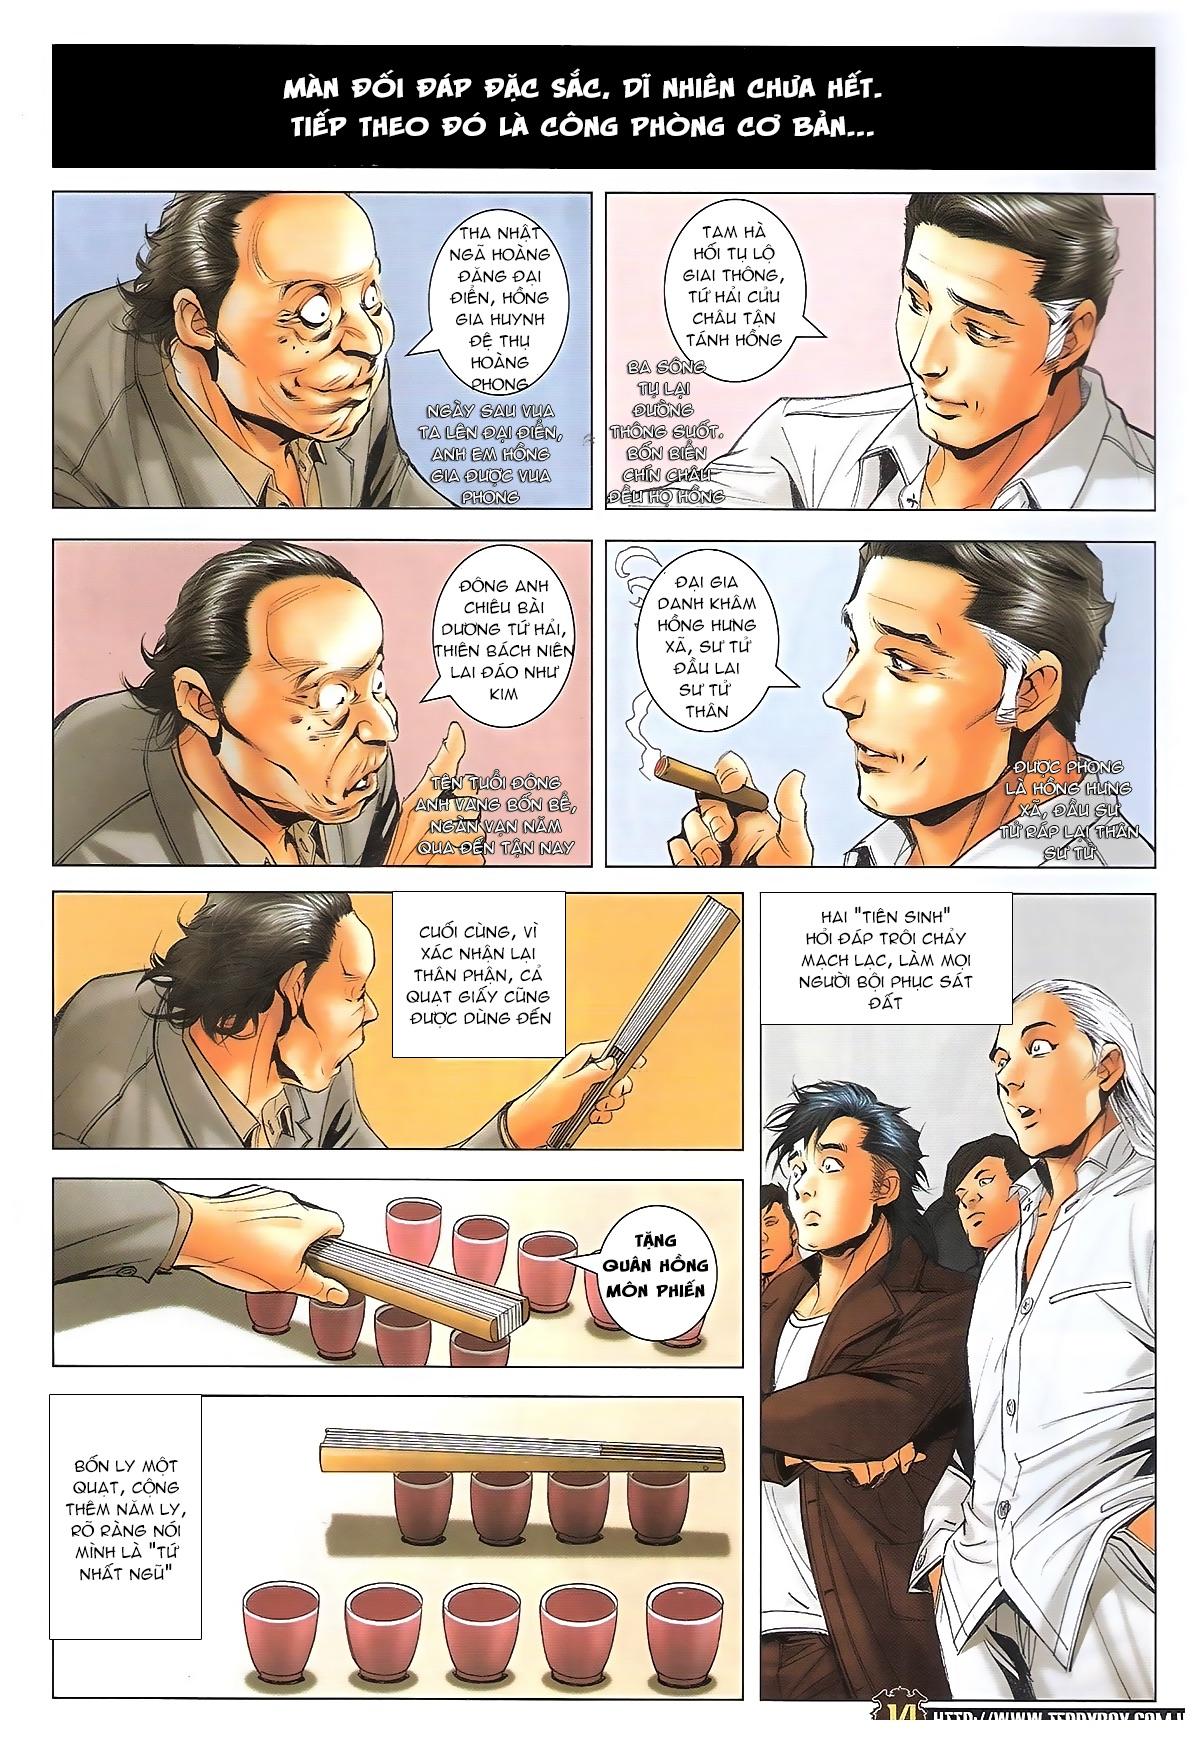 Người Trong Giang Hồ - Ngũ Hổ qui thiên - Chapter 1716: Đàm phán siêu cấp 2 - Pic 12